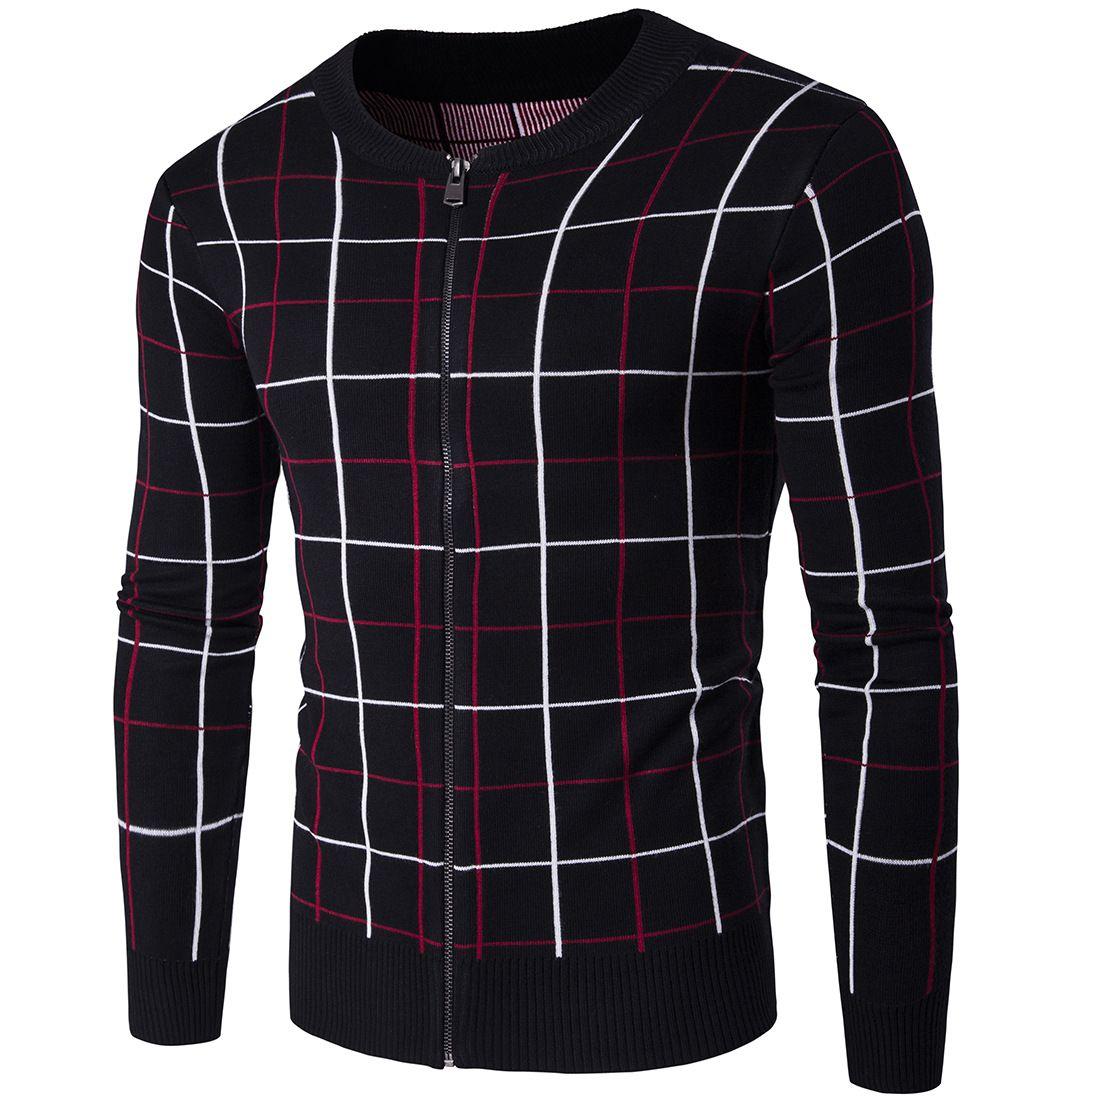 Men's Winter Sweater Slim Fit Men's Sweater Zipper Fashion ...